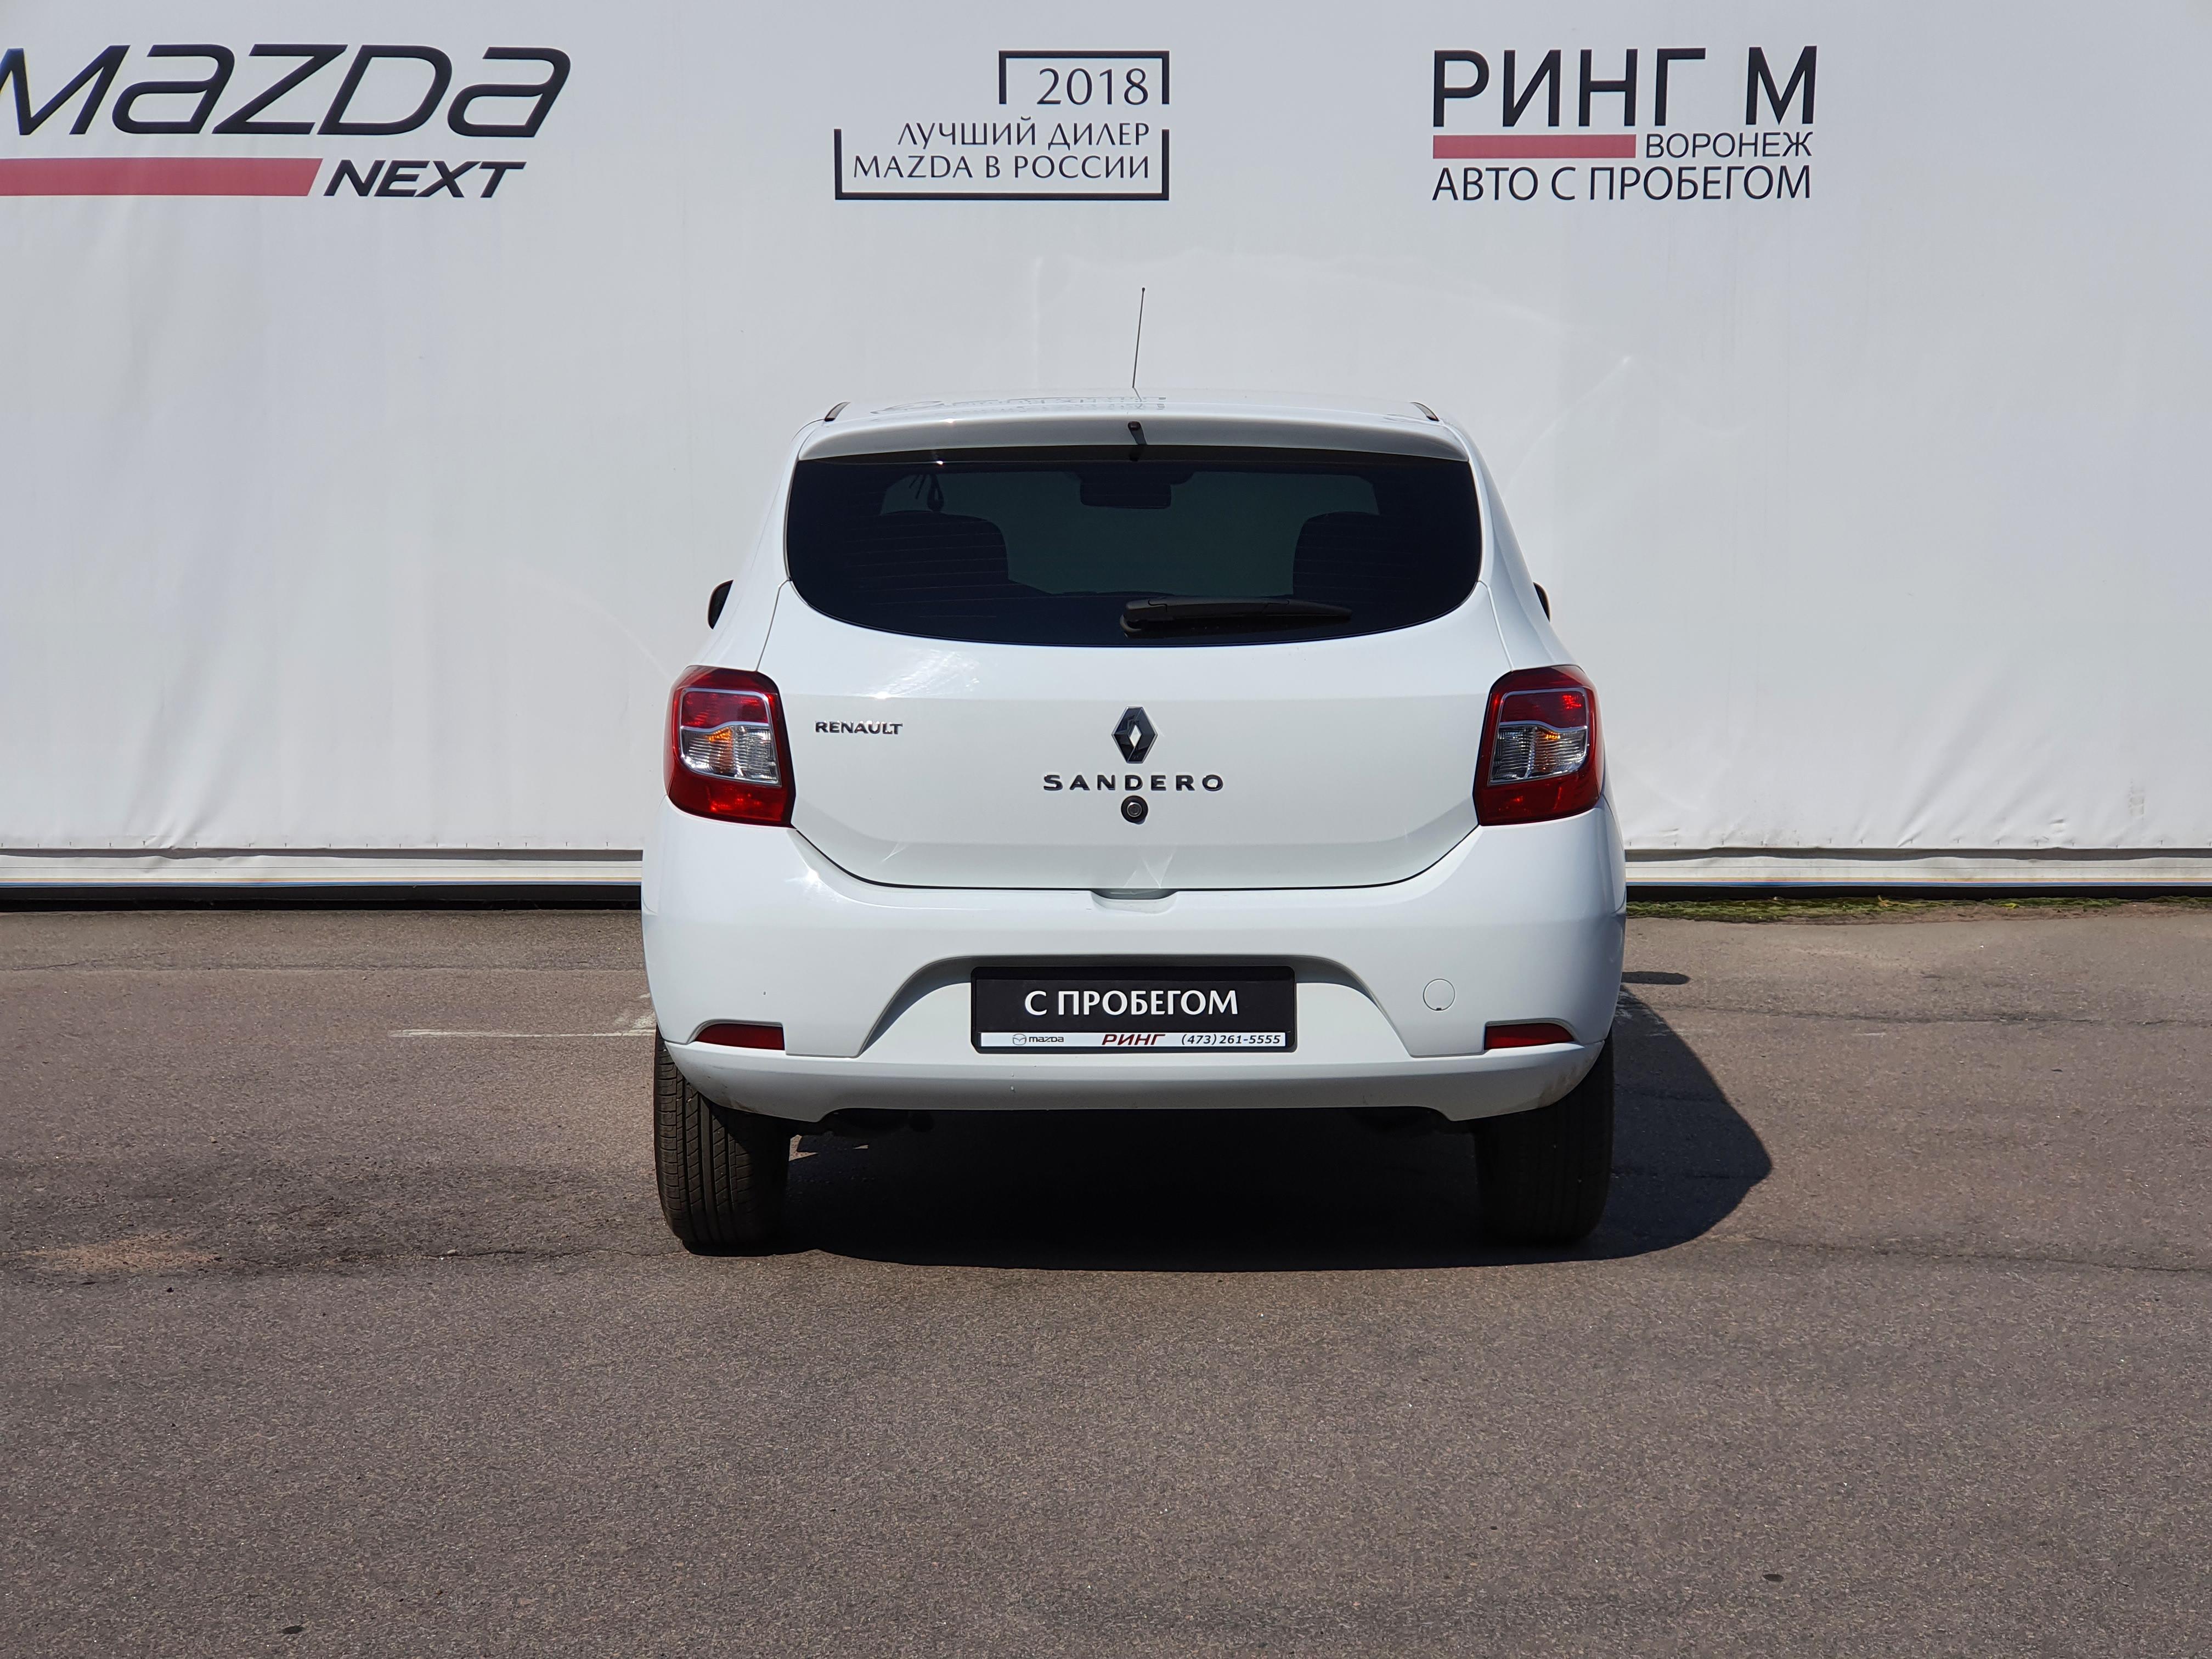 Renault Sandero Хэтчбек (2016г.)